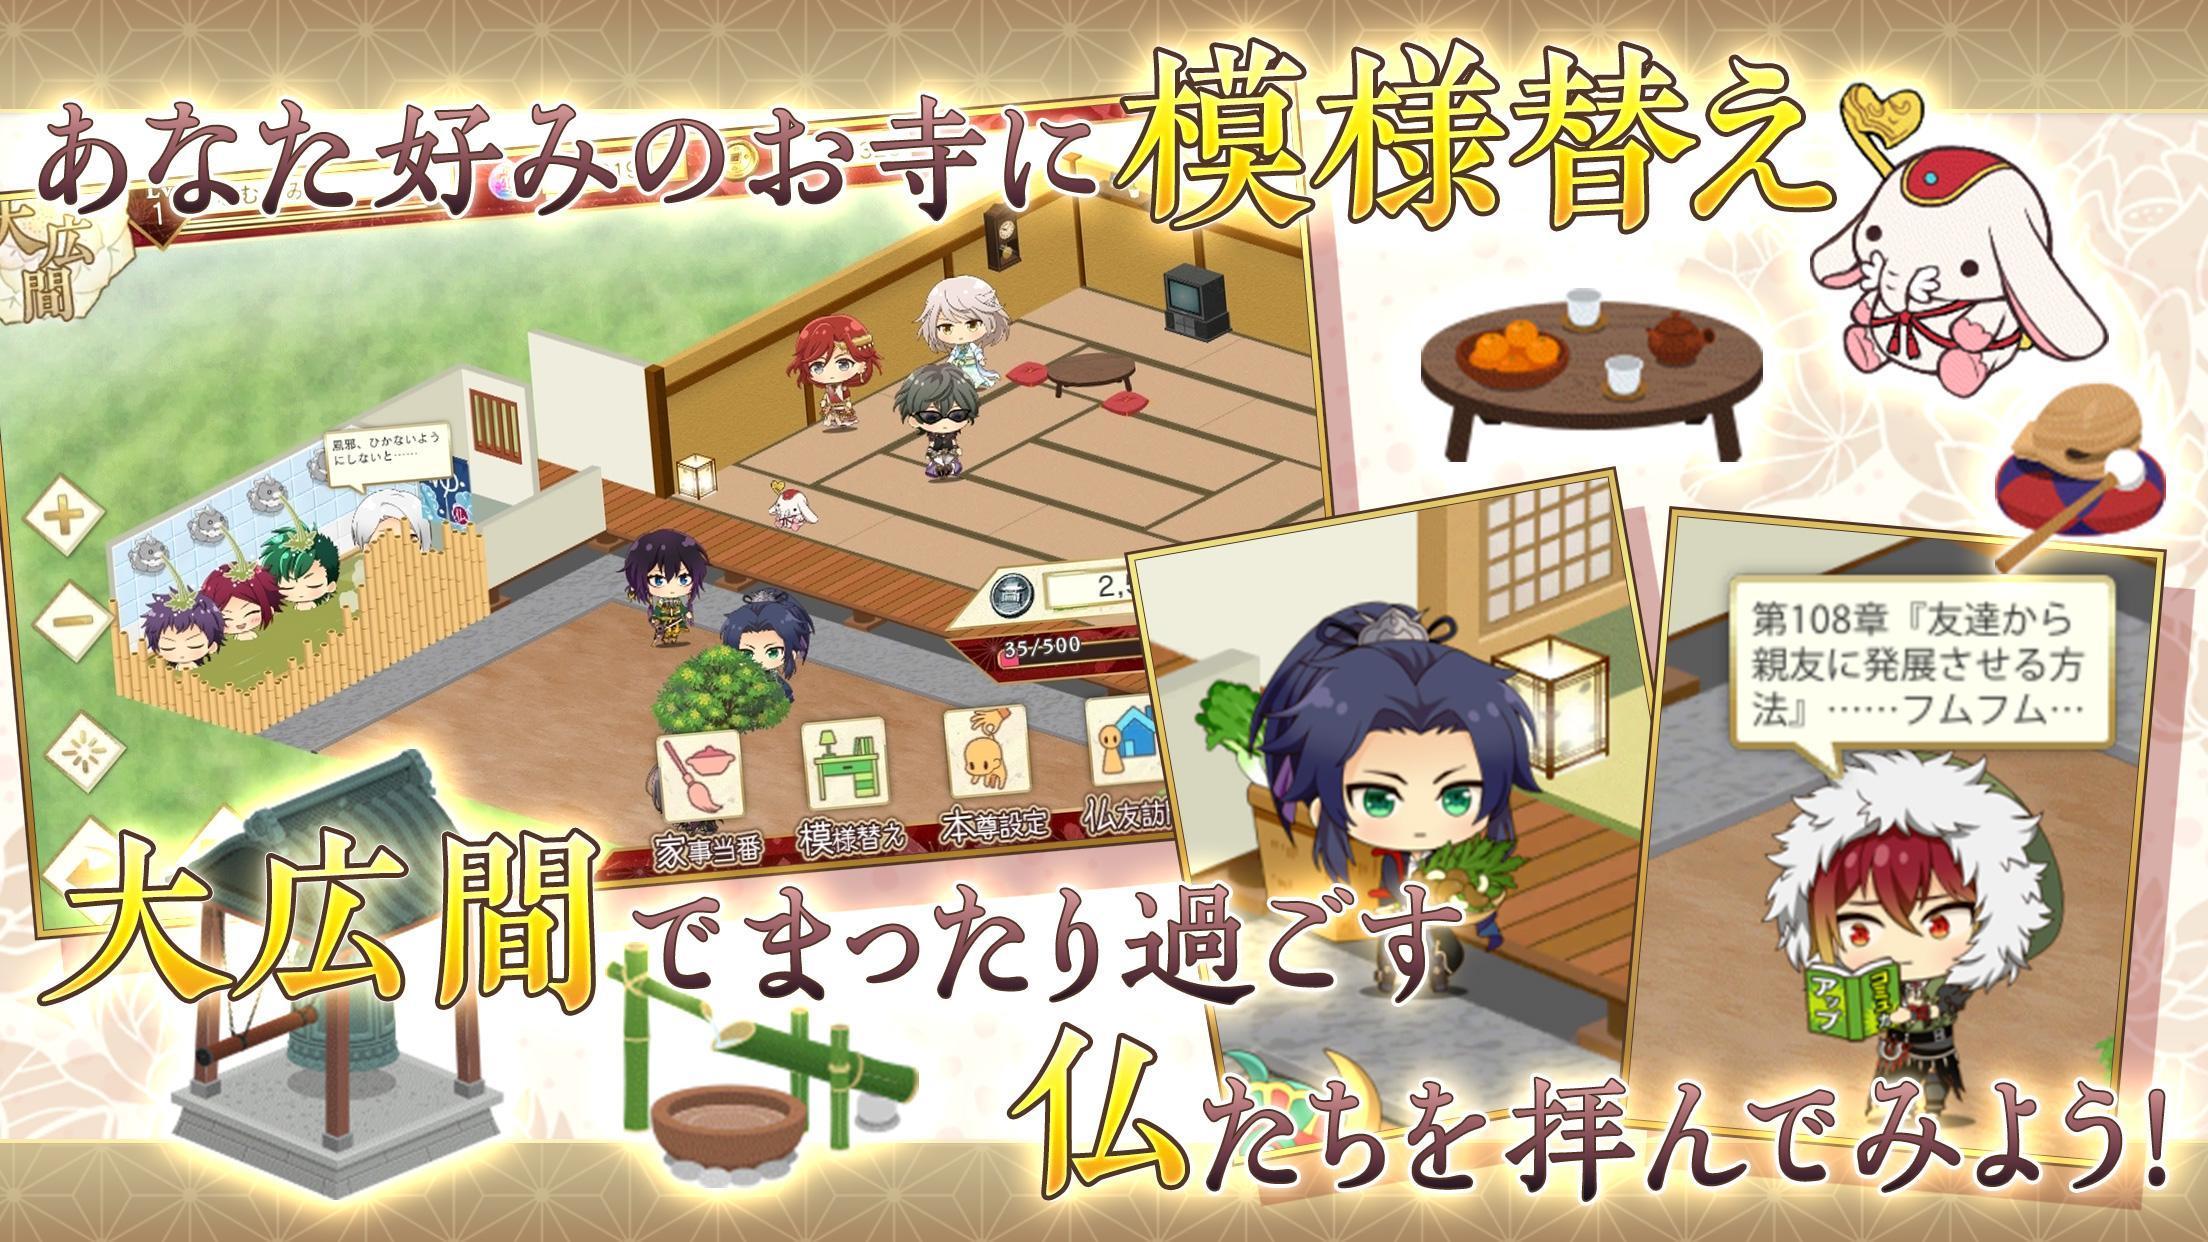 なむあみだ仏っ!-蓮台 UTENA- 1.1.17 Screenshot 9